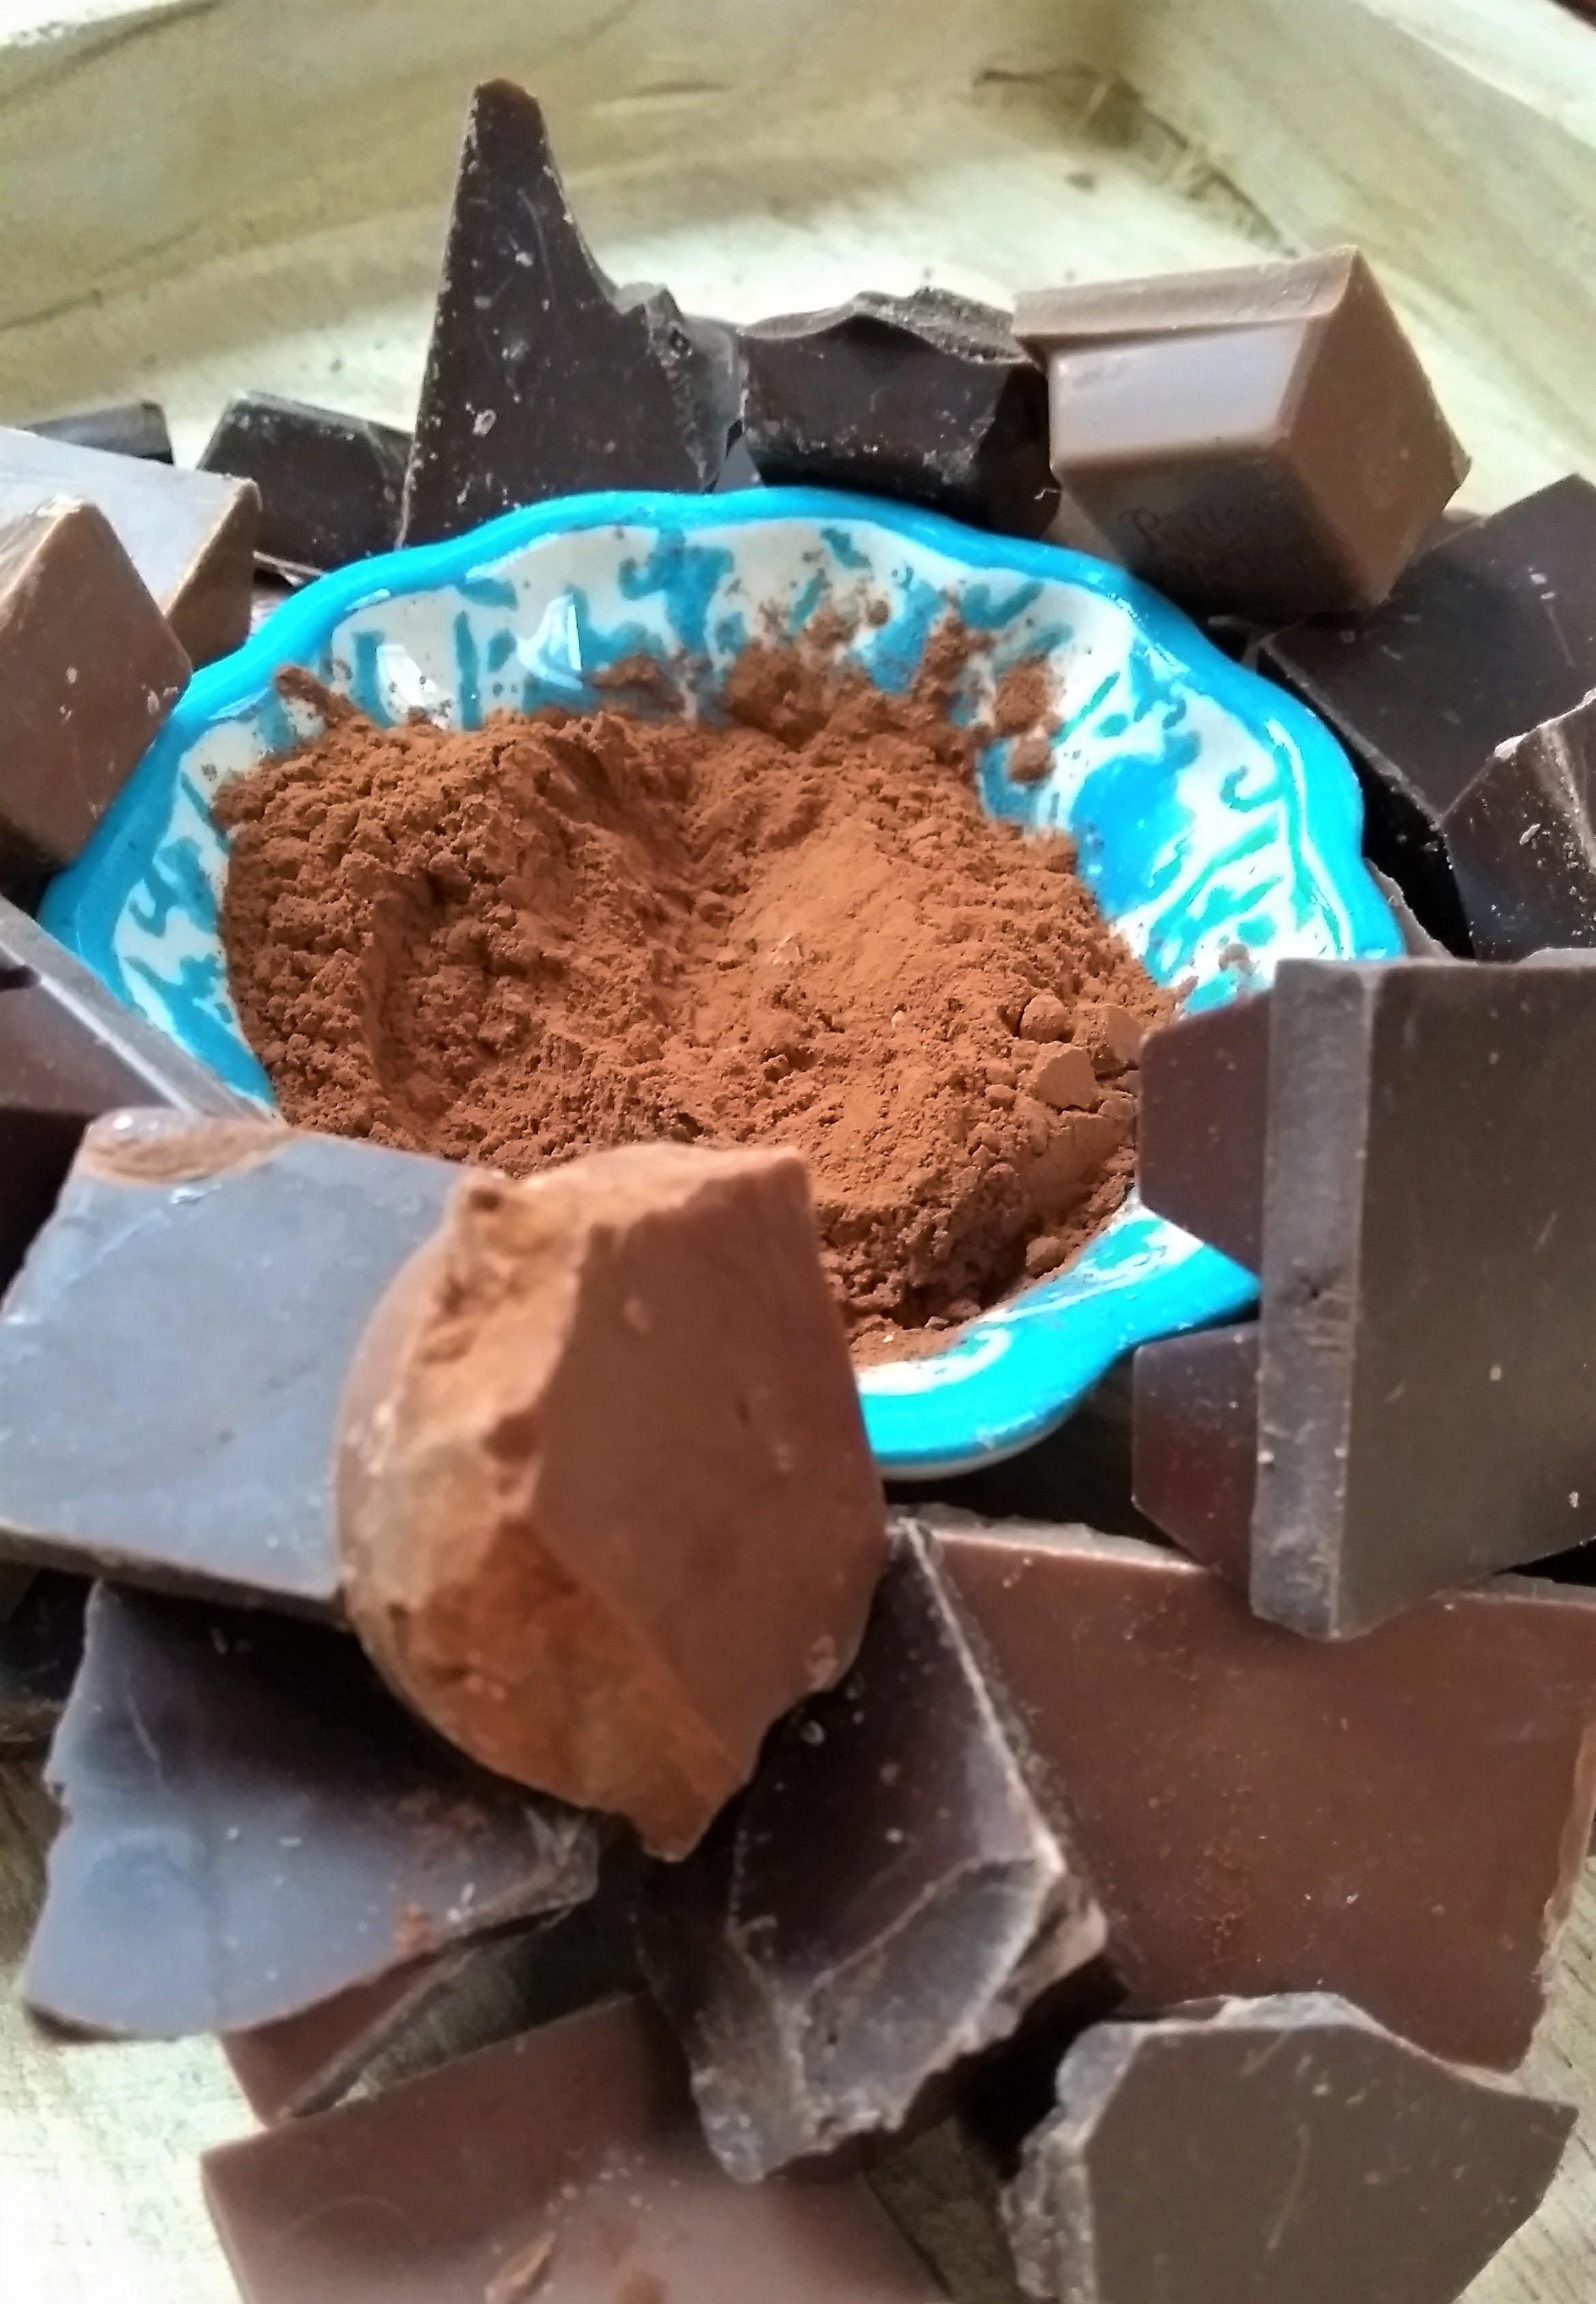 Donkere melkchocolade: nieuwe trend